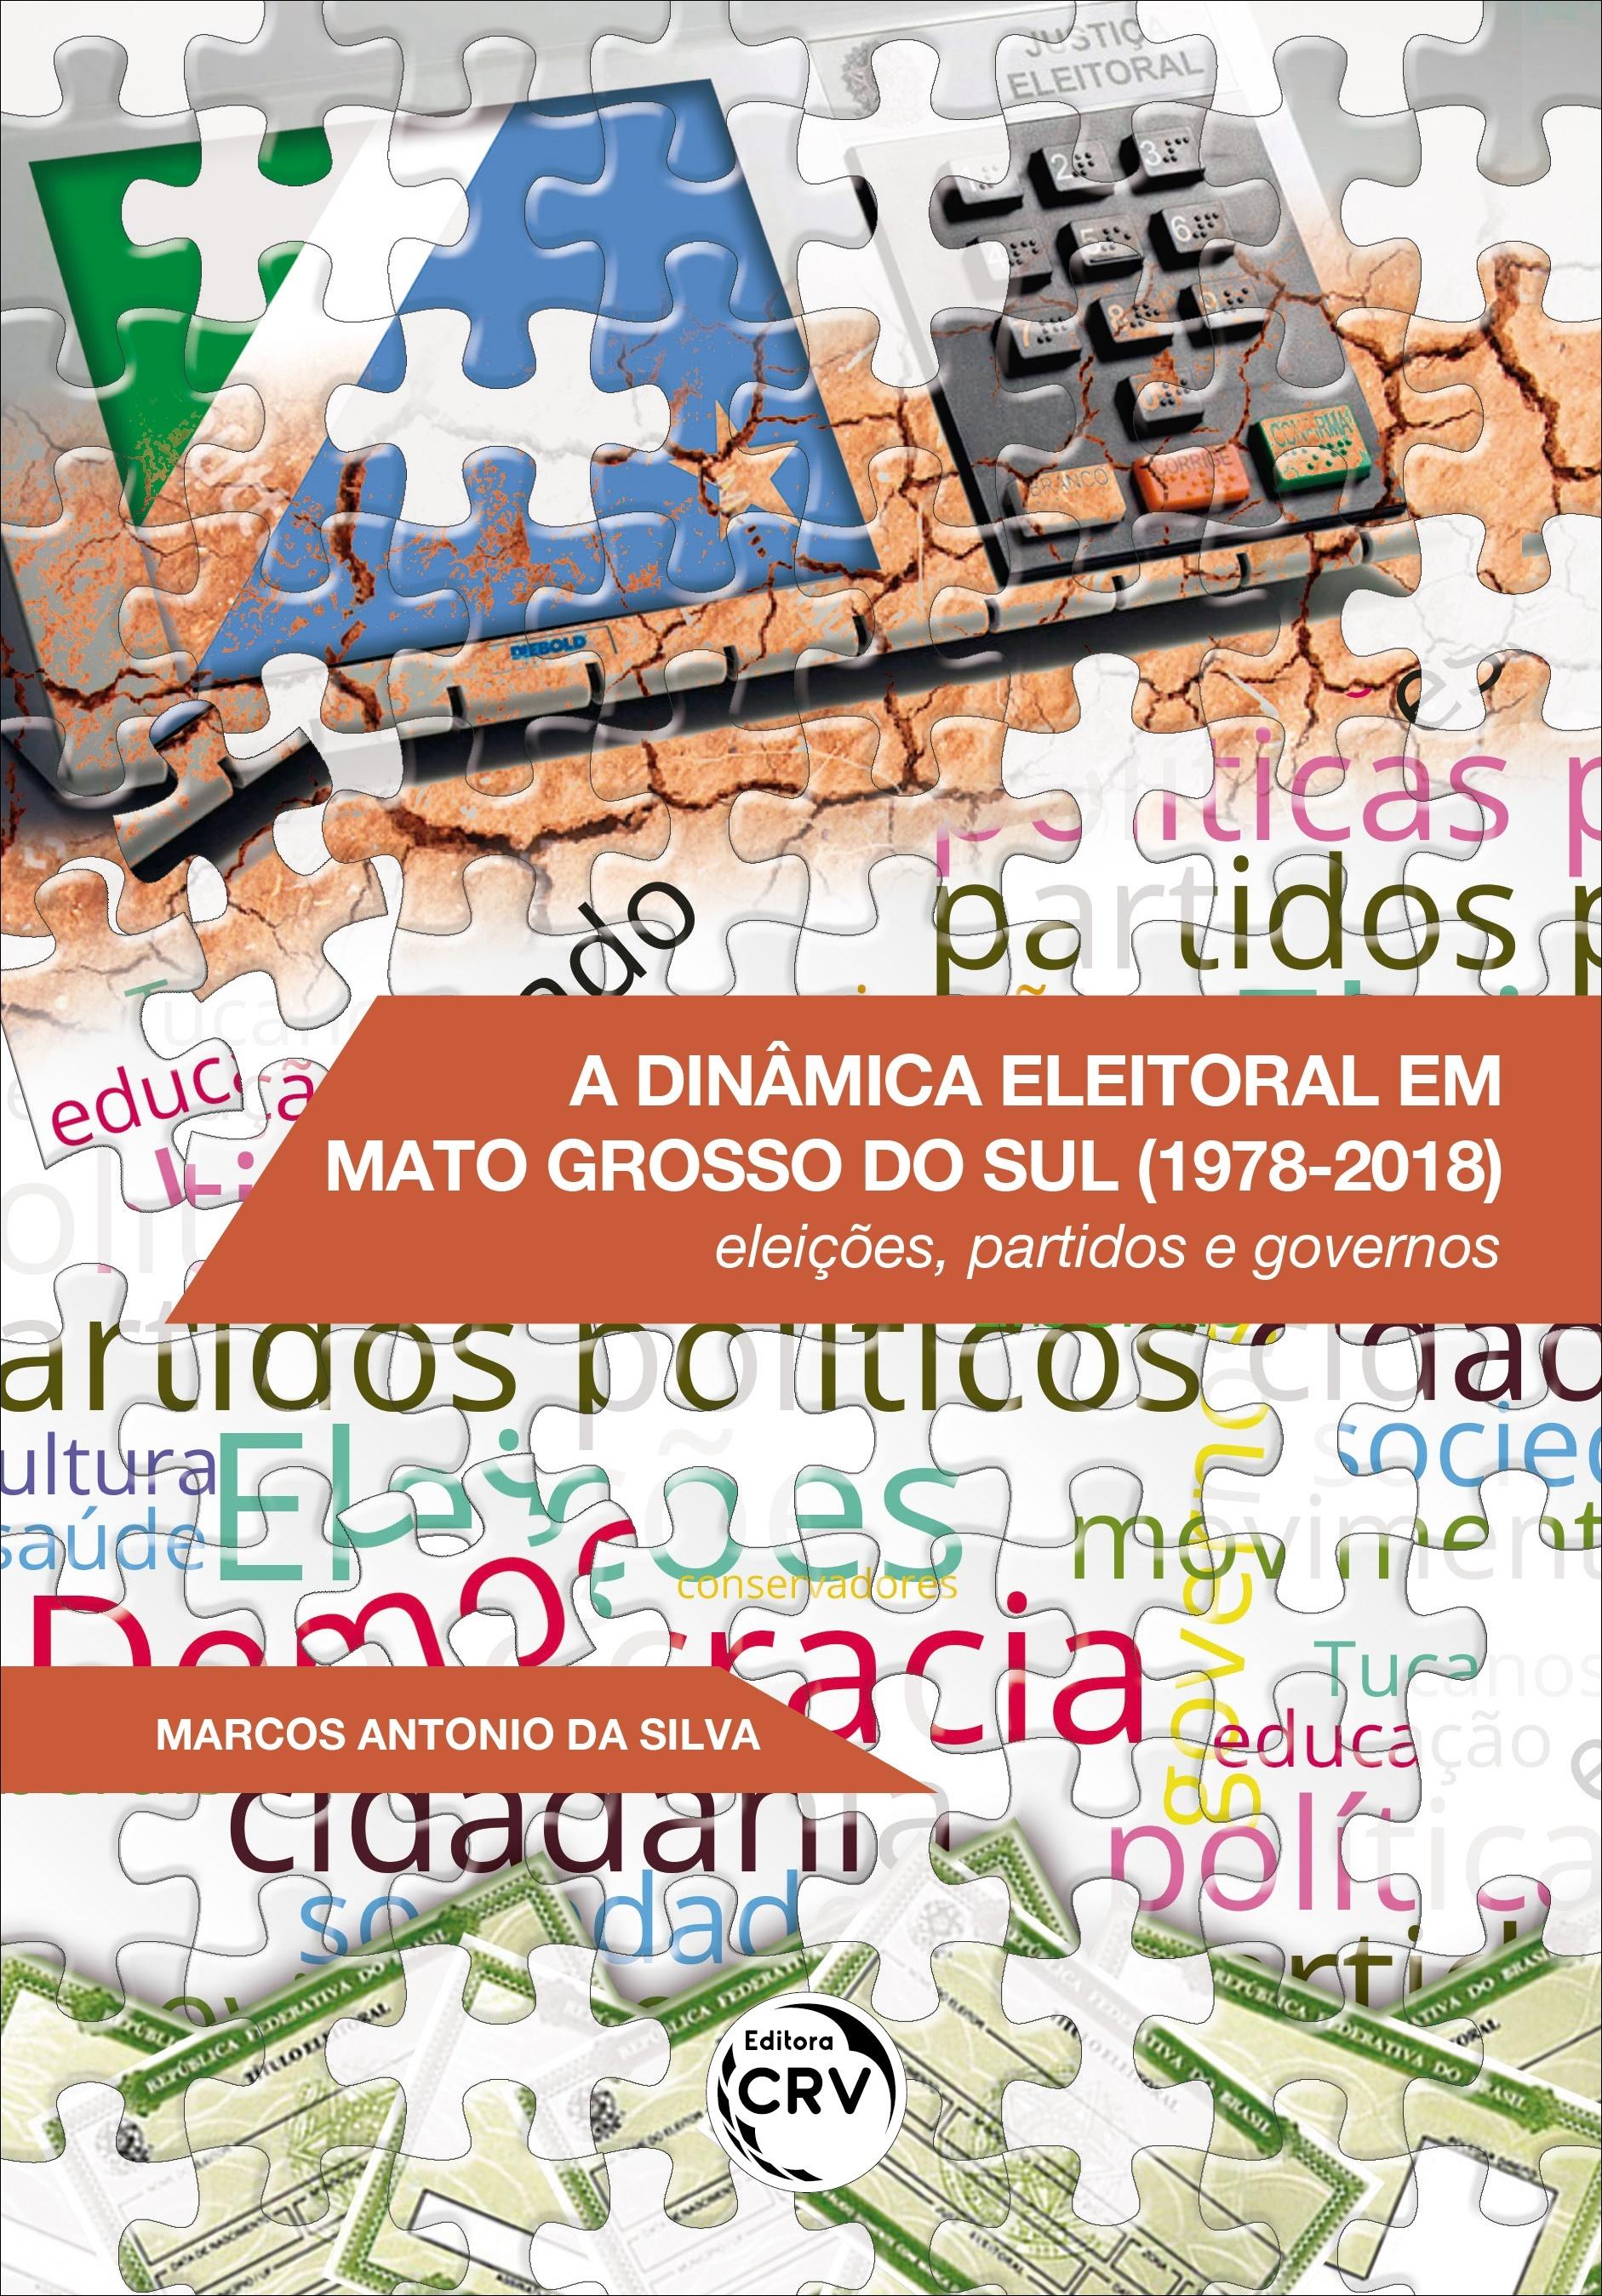 Capa do livro: A DINÂMICA ELEITORAL EM MATO GROSSO DO SUL (1978-2018):<br> eleições, partidos e governos